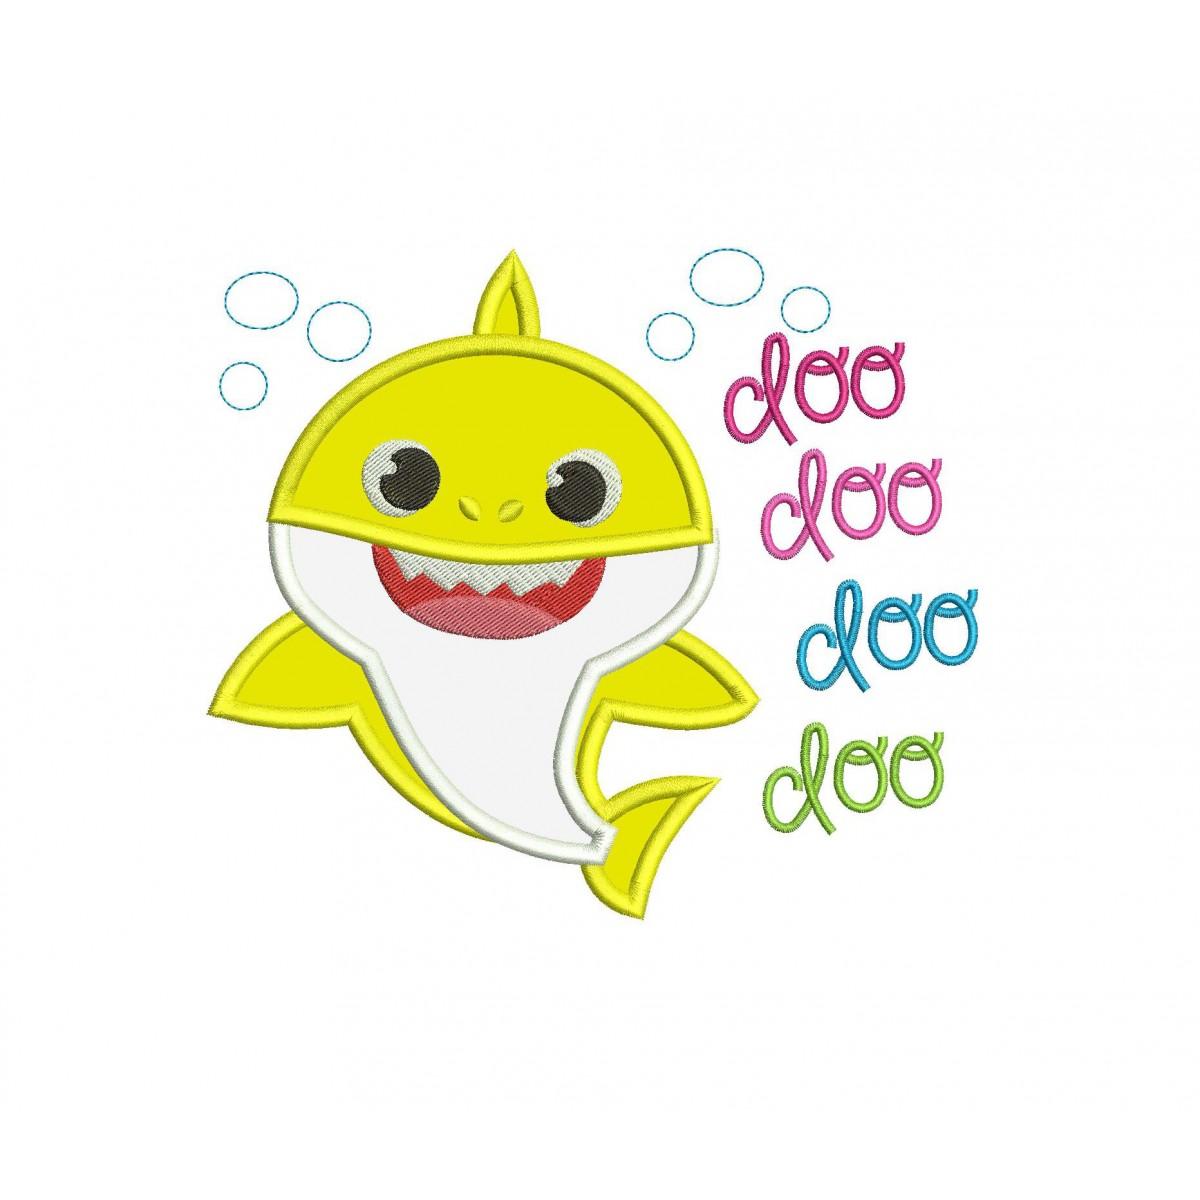 Baby Shark Doo Doo Doo Applique Design